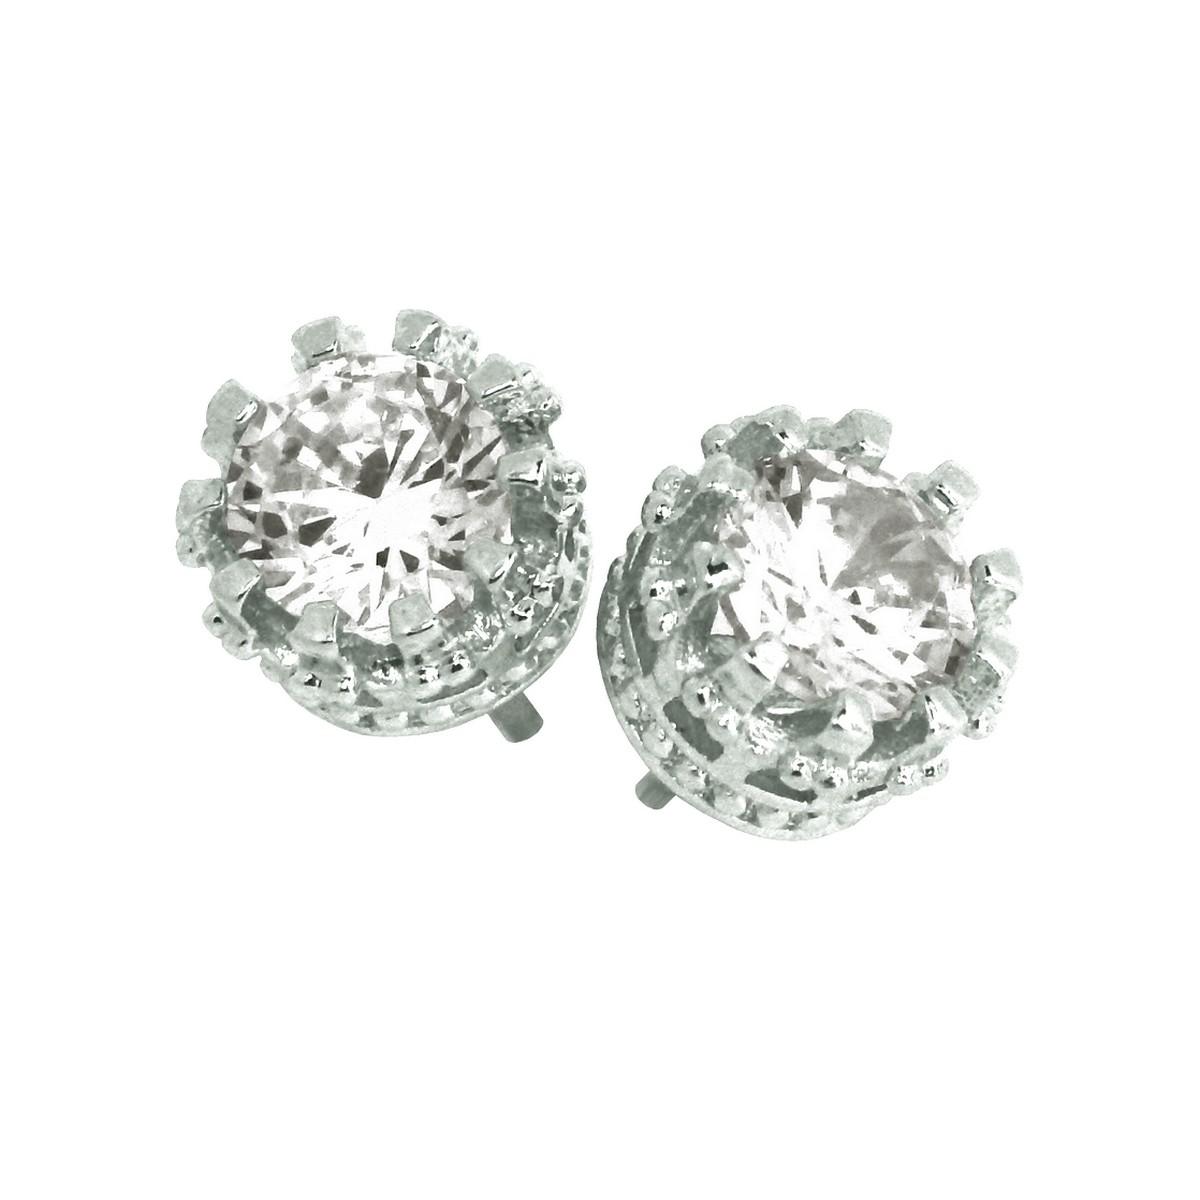 528af4dba129d Elegant 925 Sterling Silver Austrian Crystal Cubic Zirconia Small Round  Stud Earrings Good Quality - ZANZARA